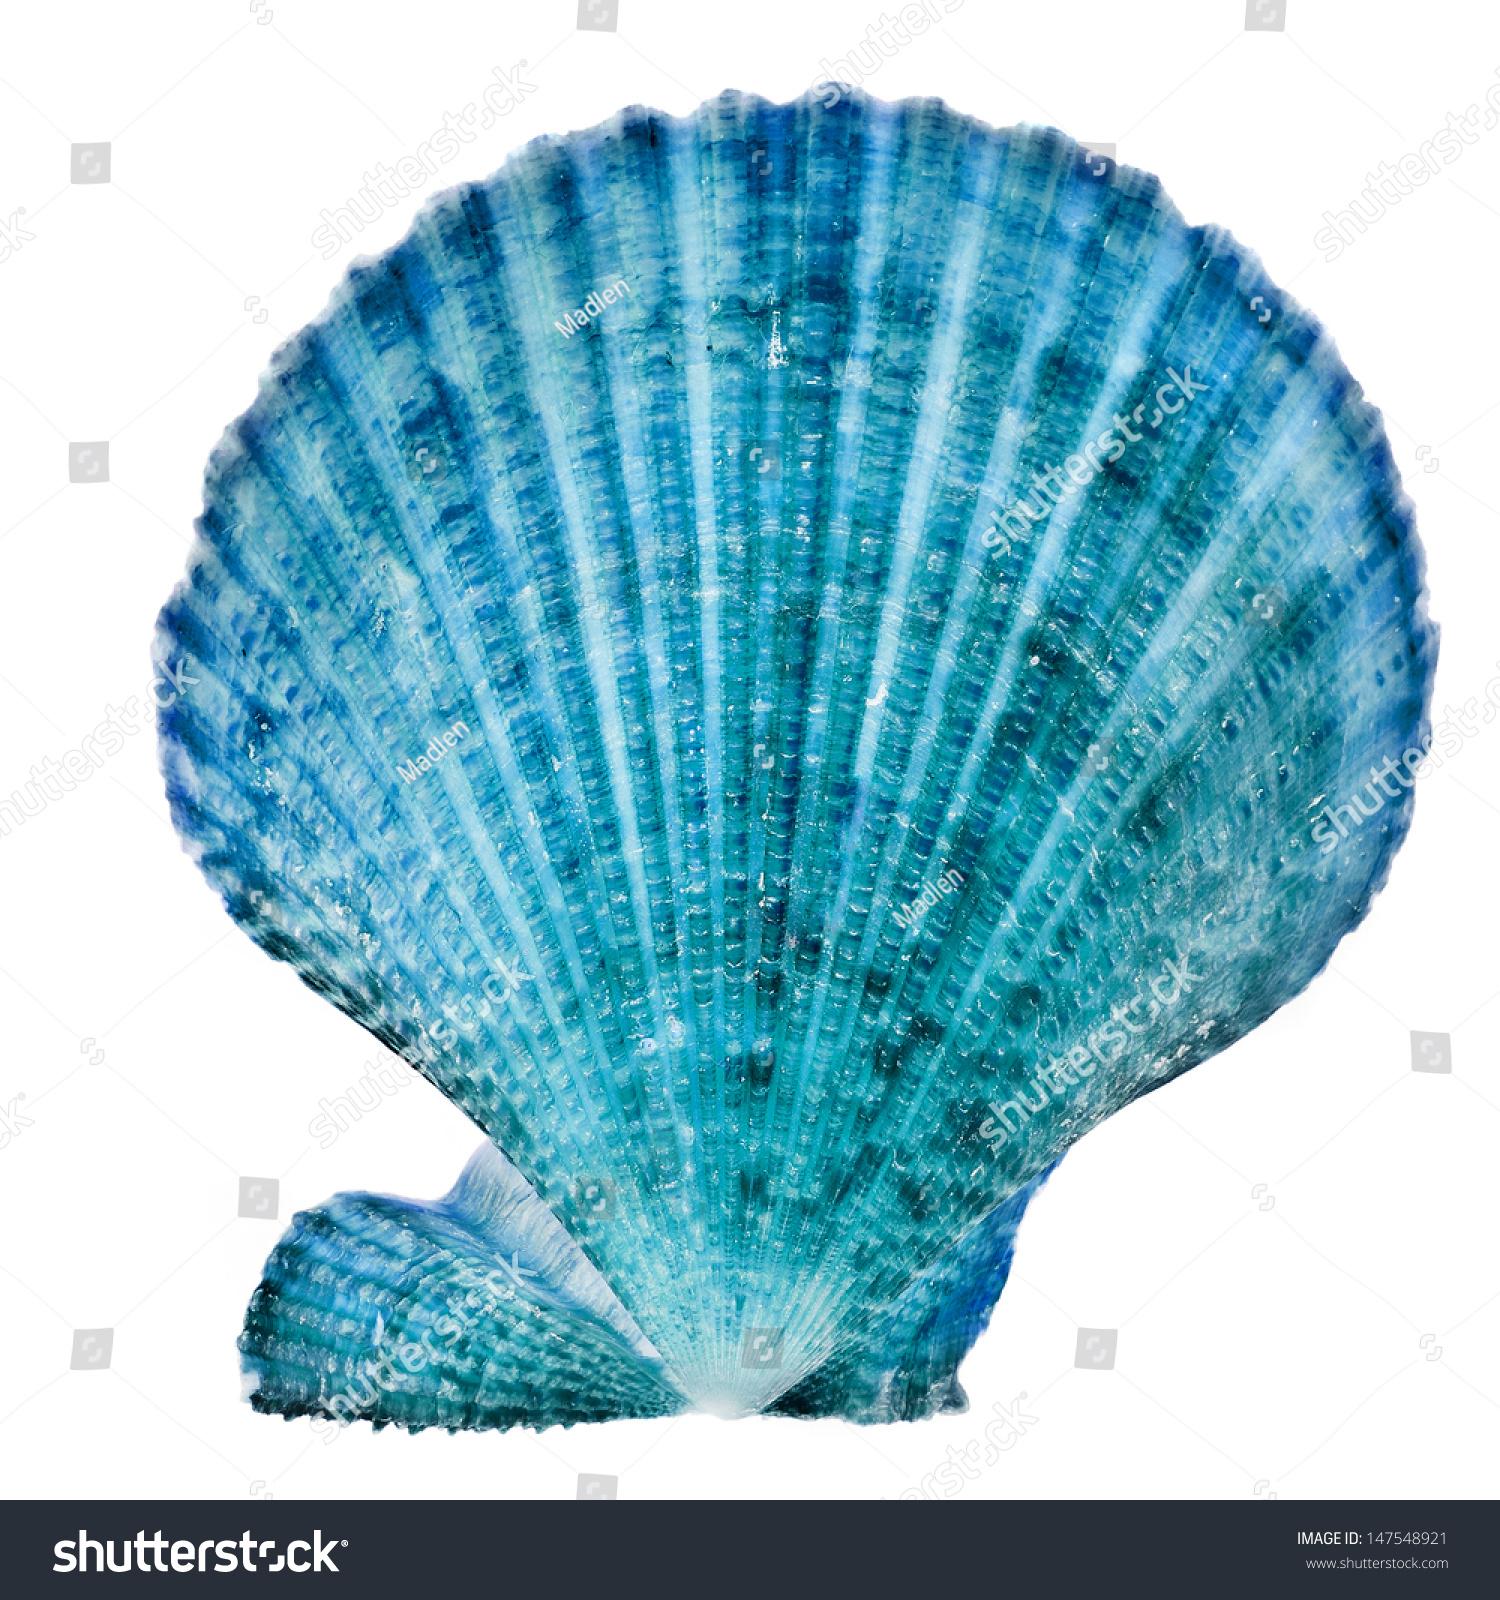 One Blue Seashell Close Isolated On Foto de stock (libre de regalías ...